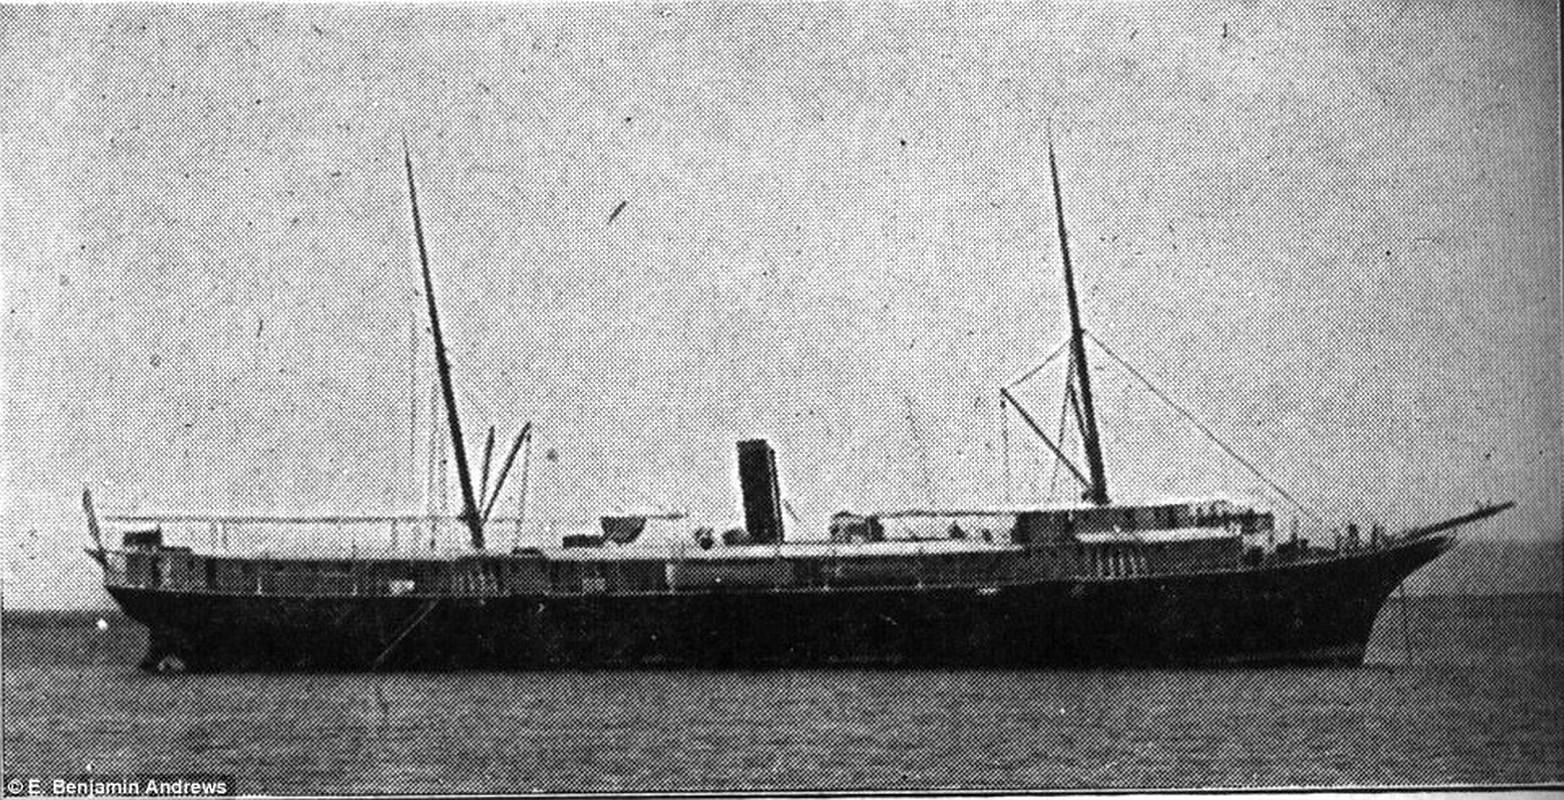 """Tim thay xac tau """"Titanic cua Chile"""" sau 95 mat tich bi an-Hinh-2"""